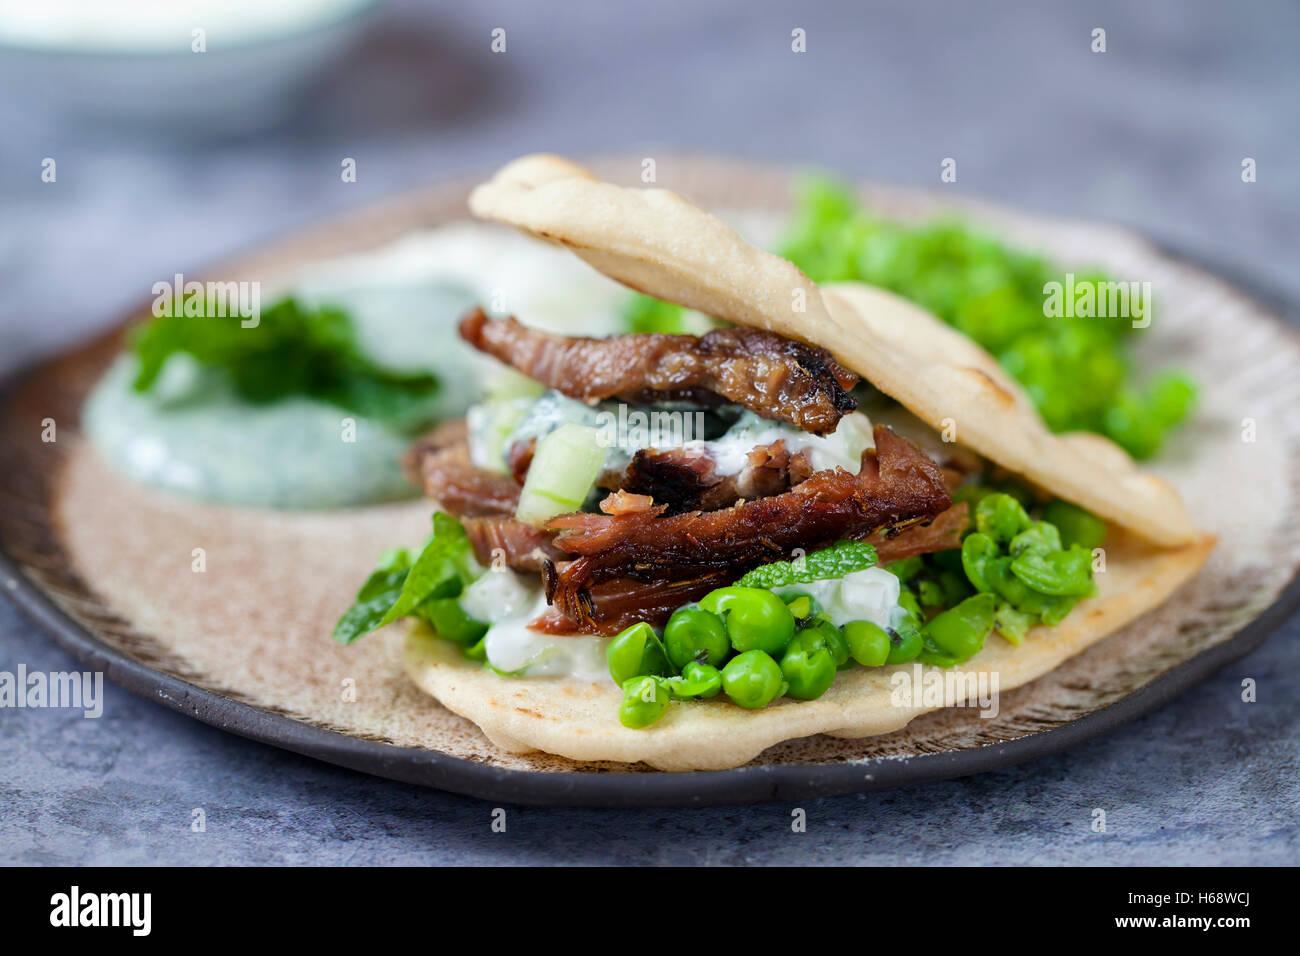 Mini panes planos con crujiente de cordero, puré de guisantes, pepino, menta y salsa de yogur Imagen De Stock